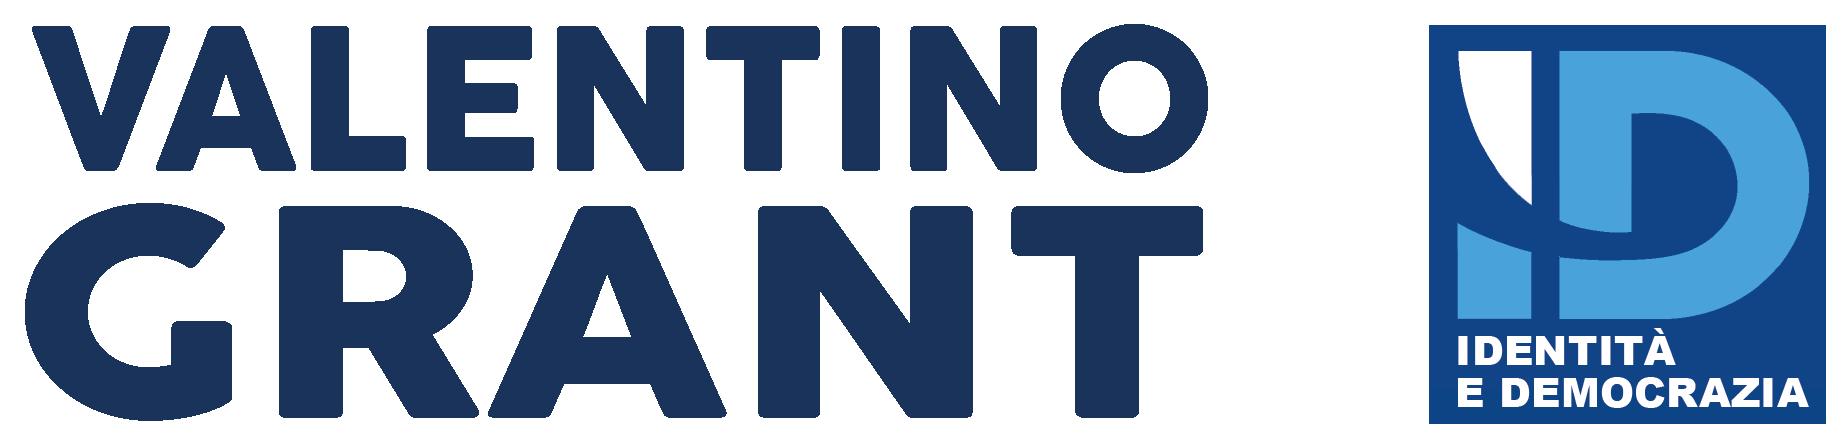 Valentino Grant